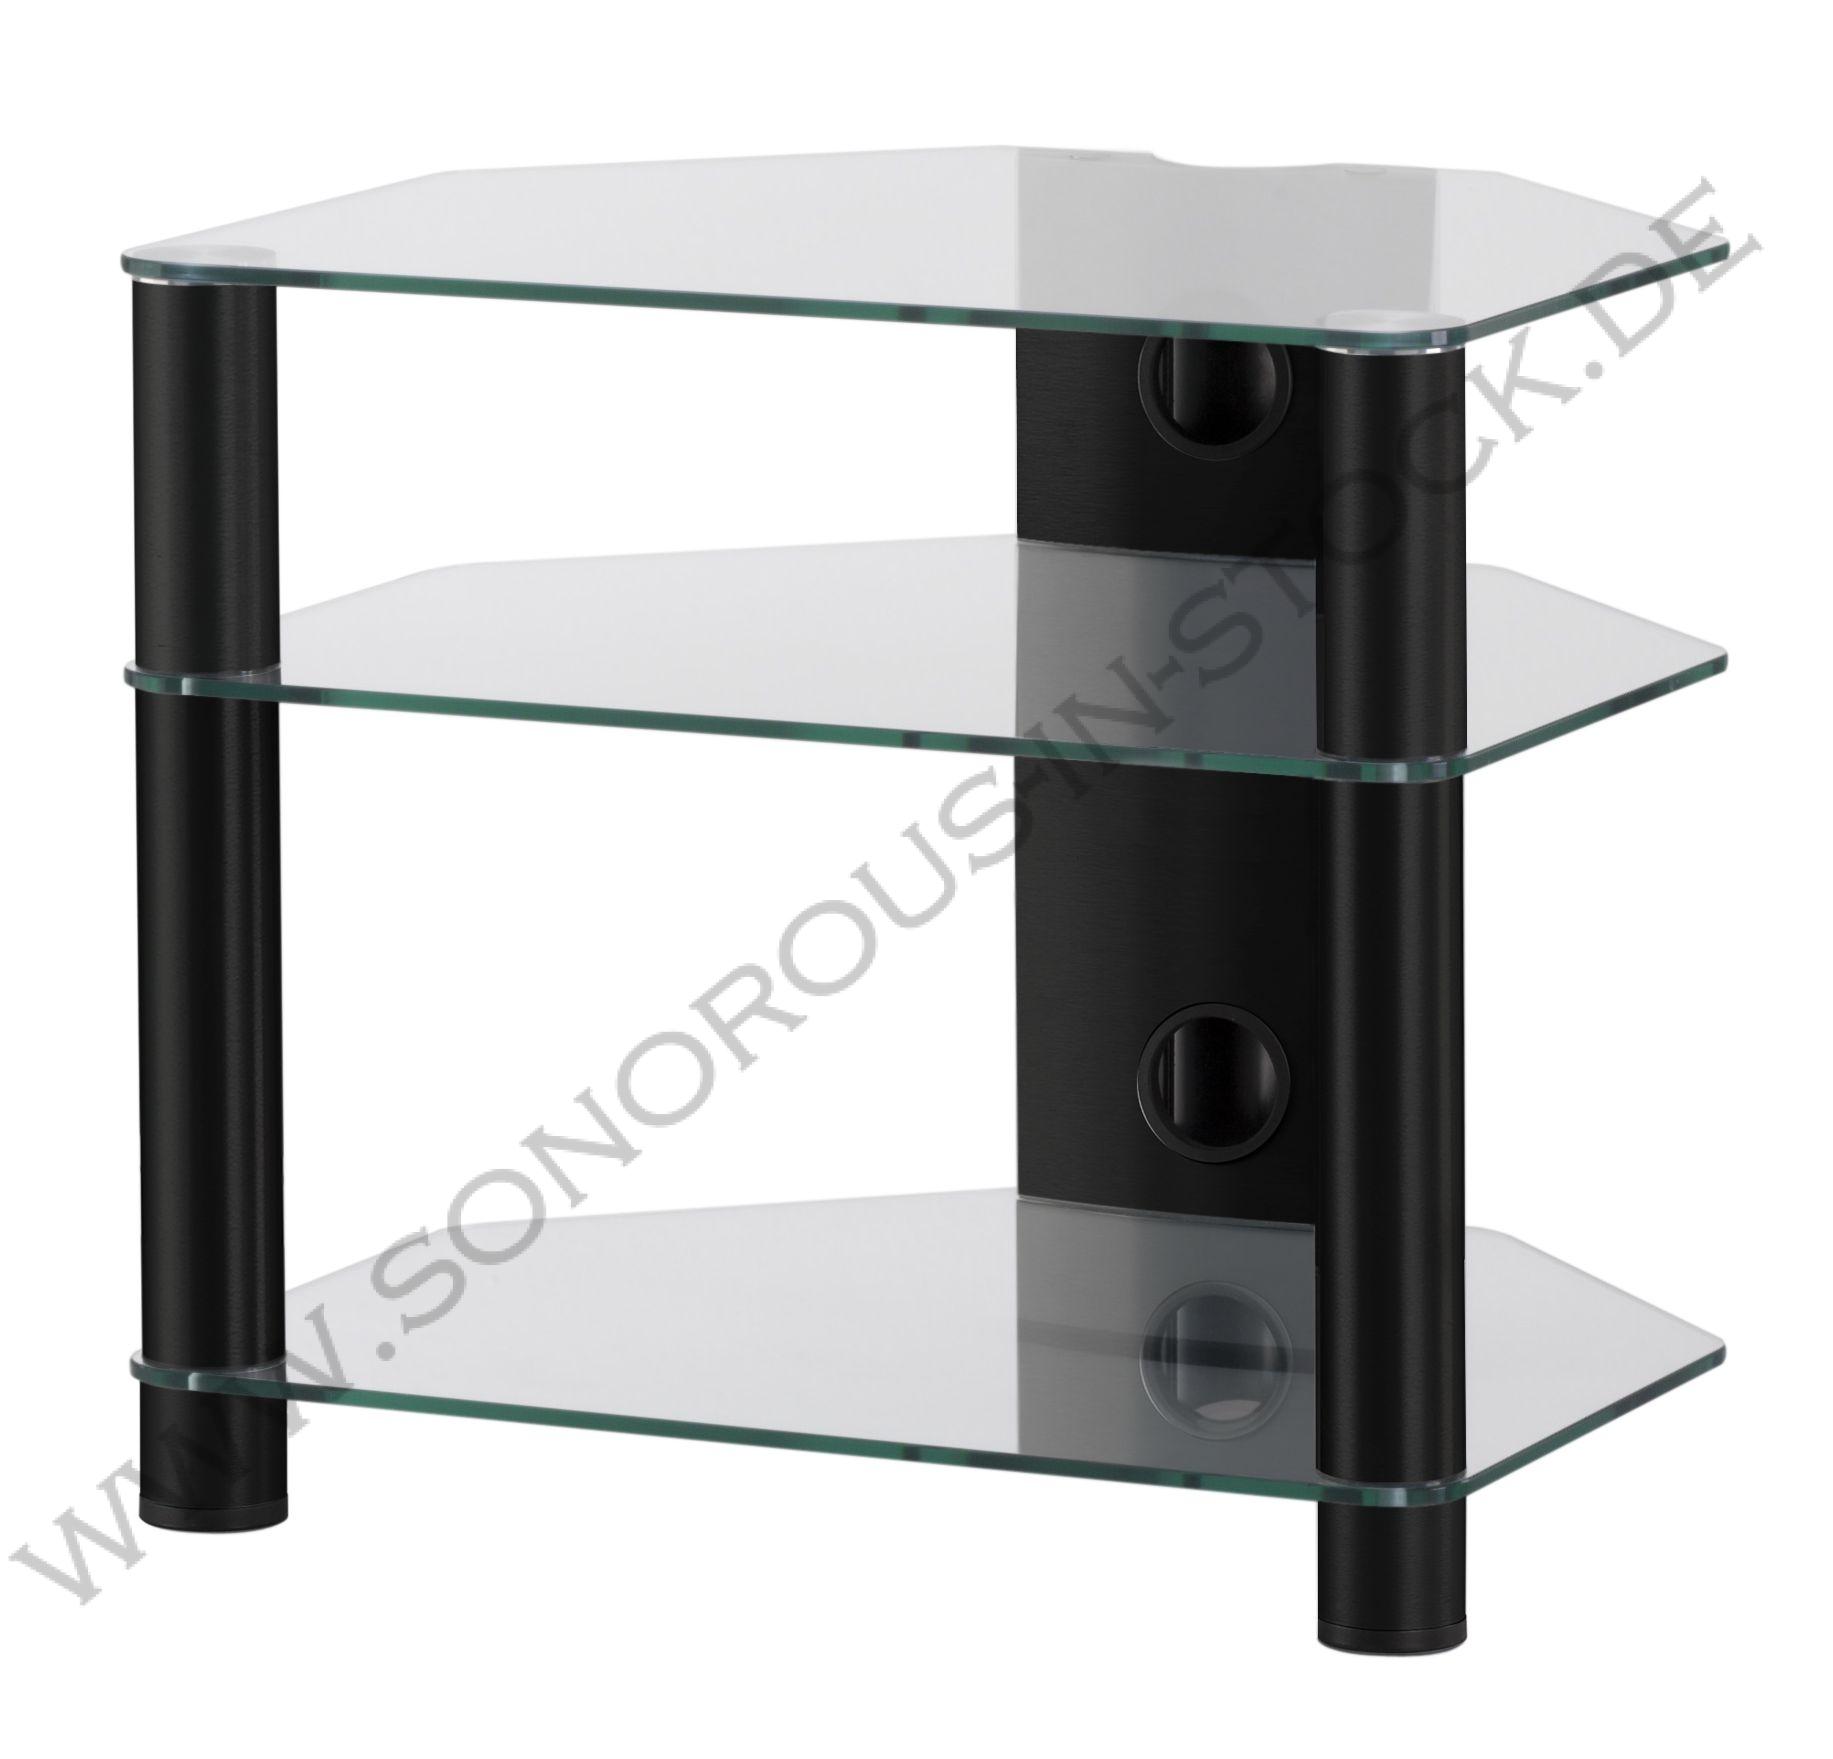 Hifi stolek RX 2130 (čiré sklo / černé nohy)